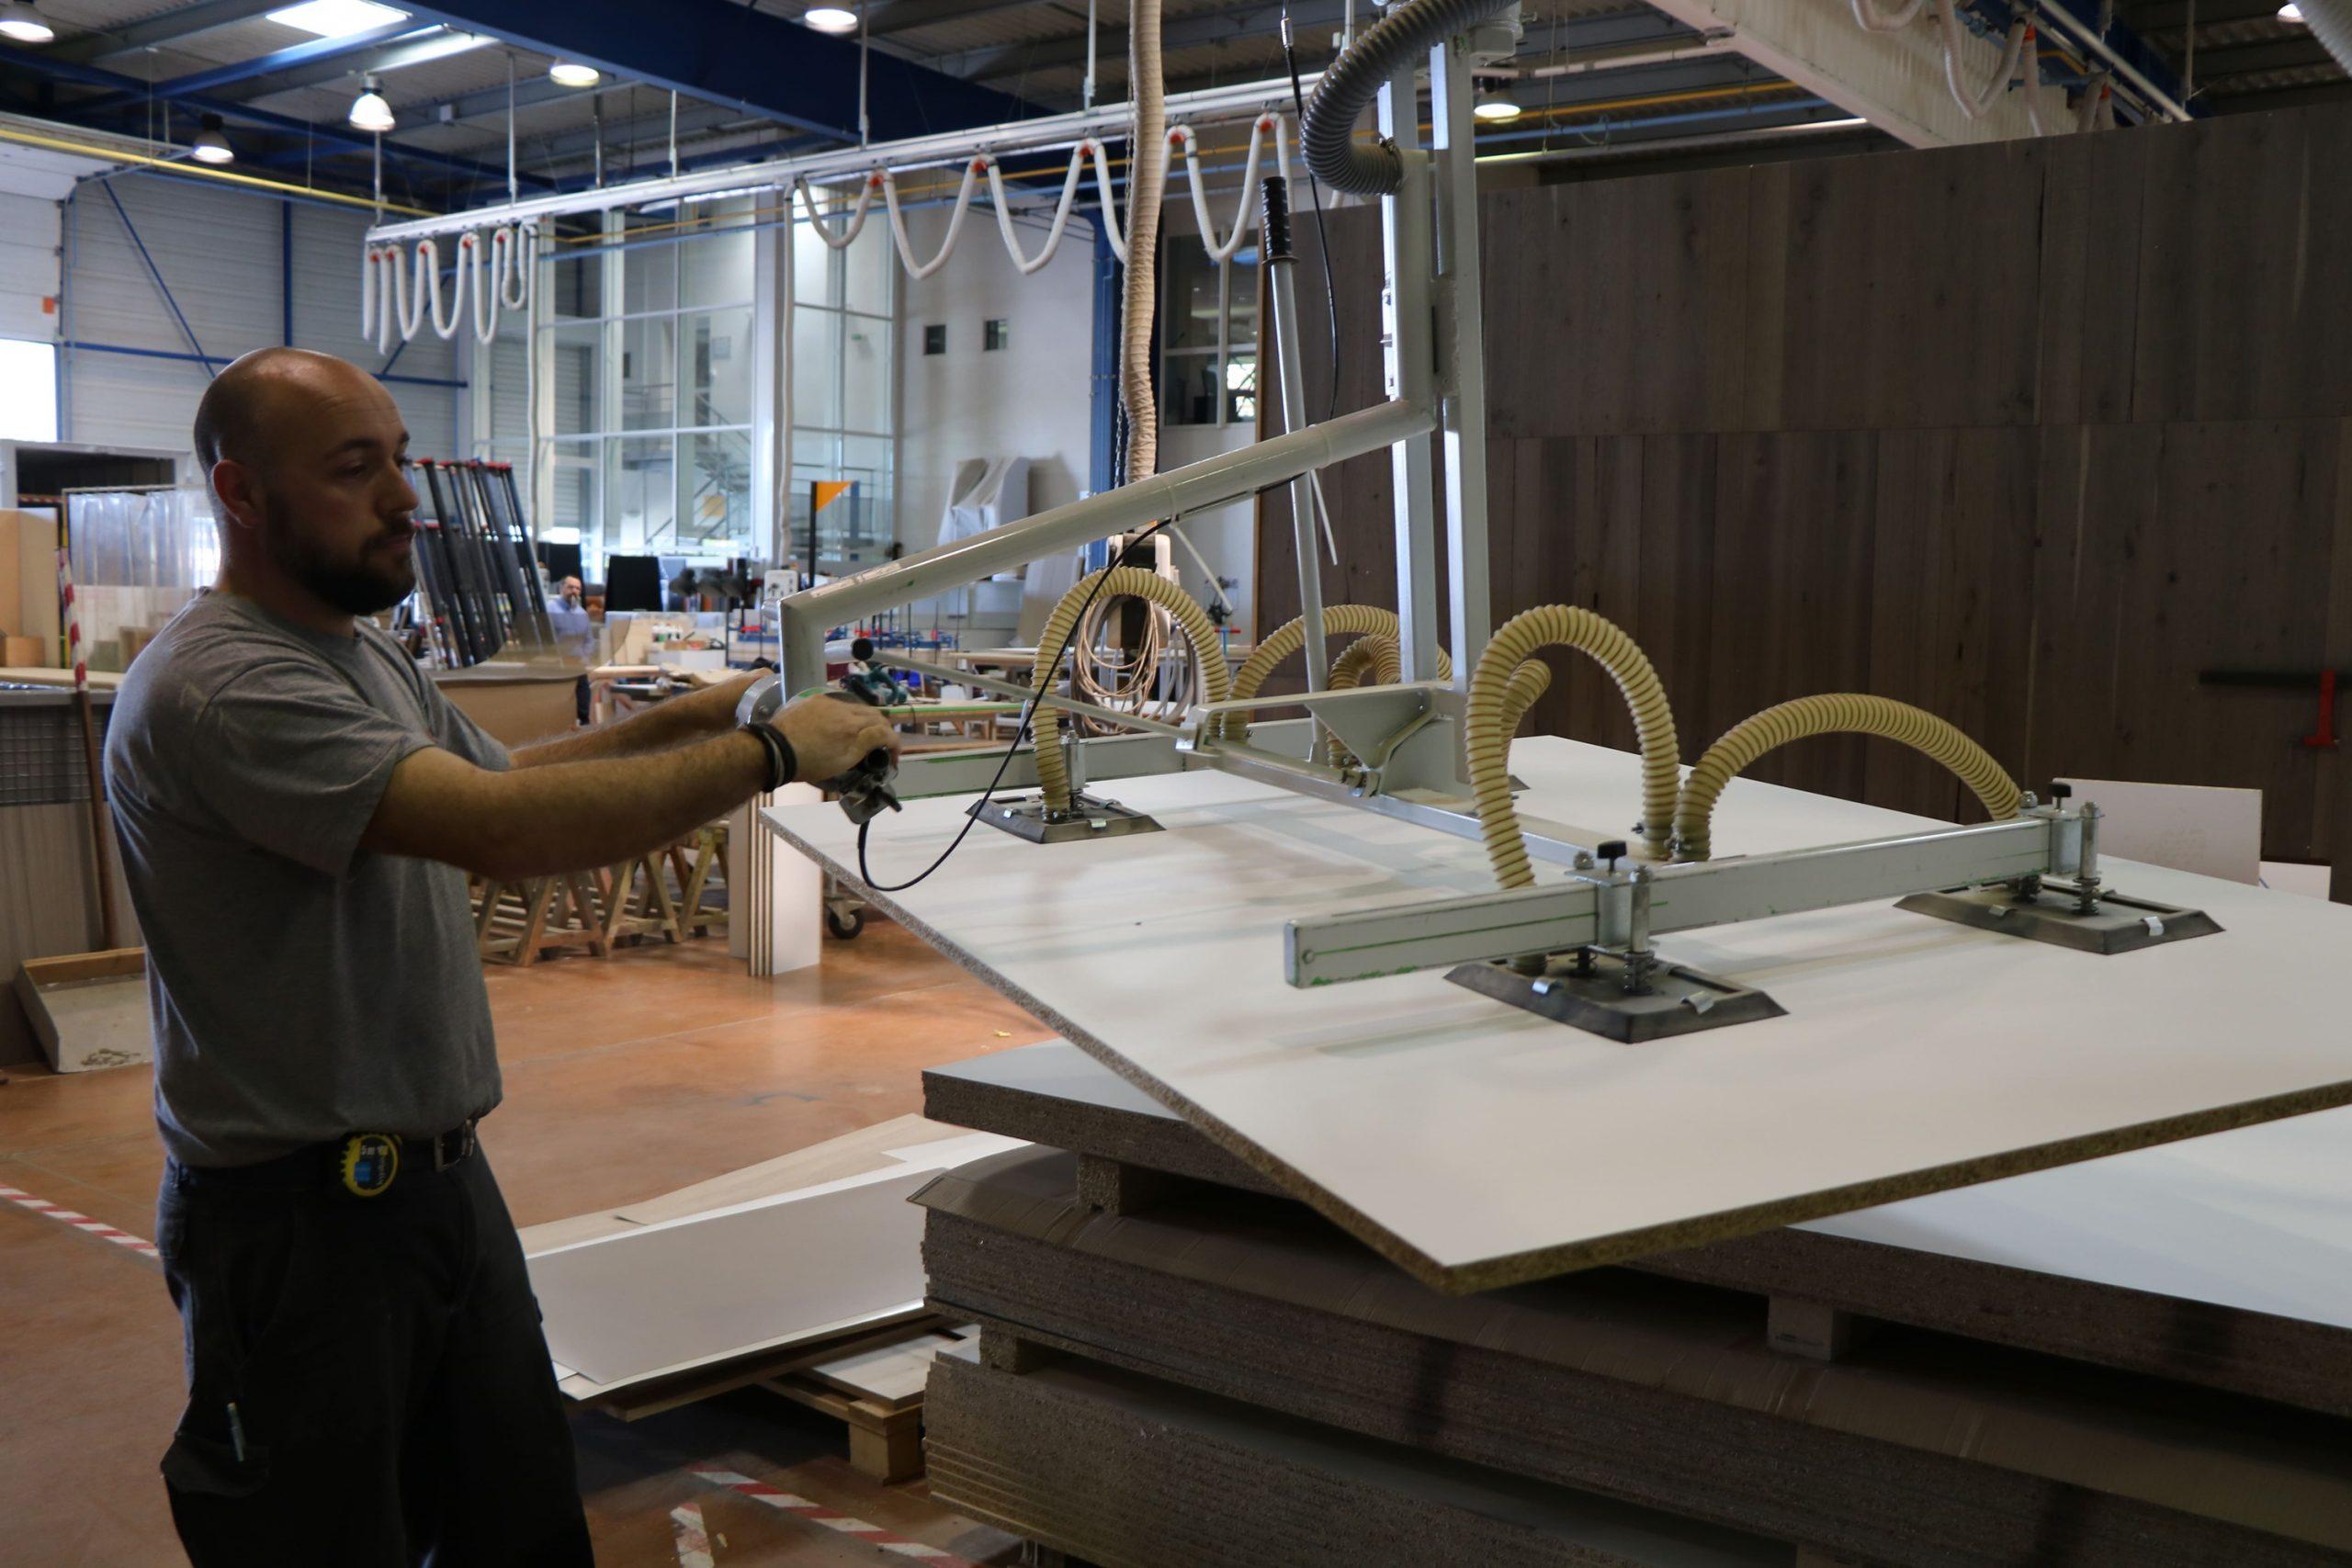 Menuisier de SAFRA Agencement utilisant une machine pour travailler les panneaux de mélaminé